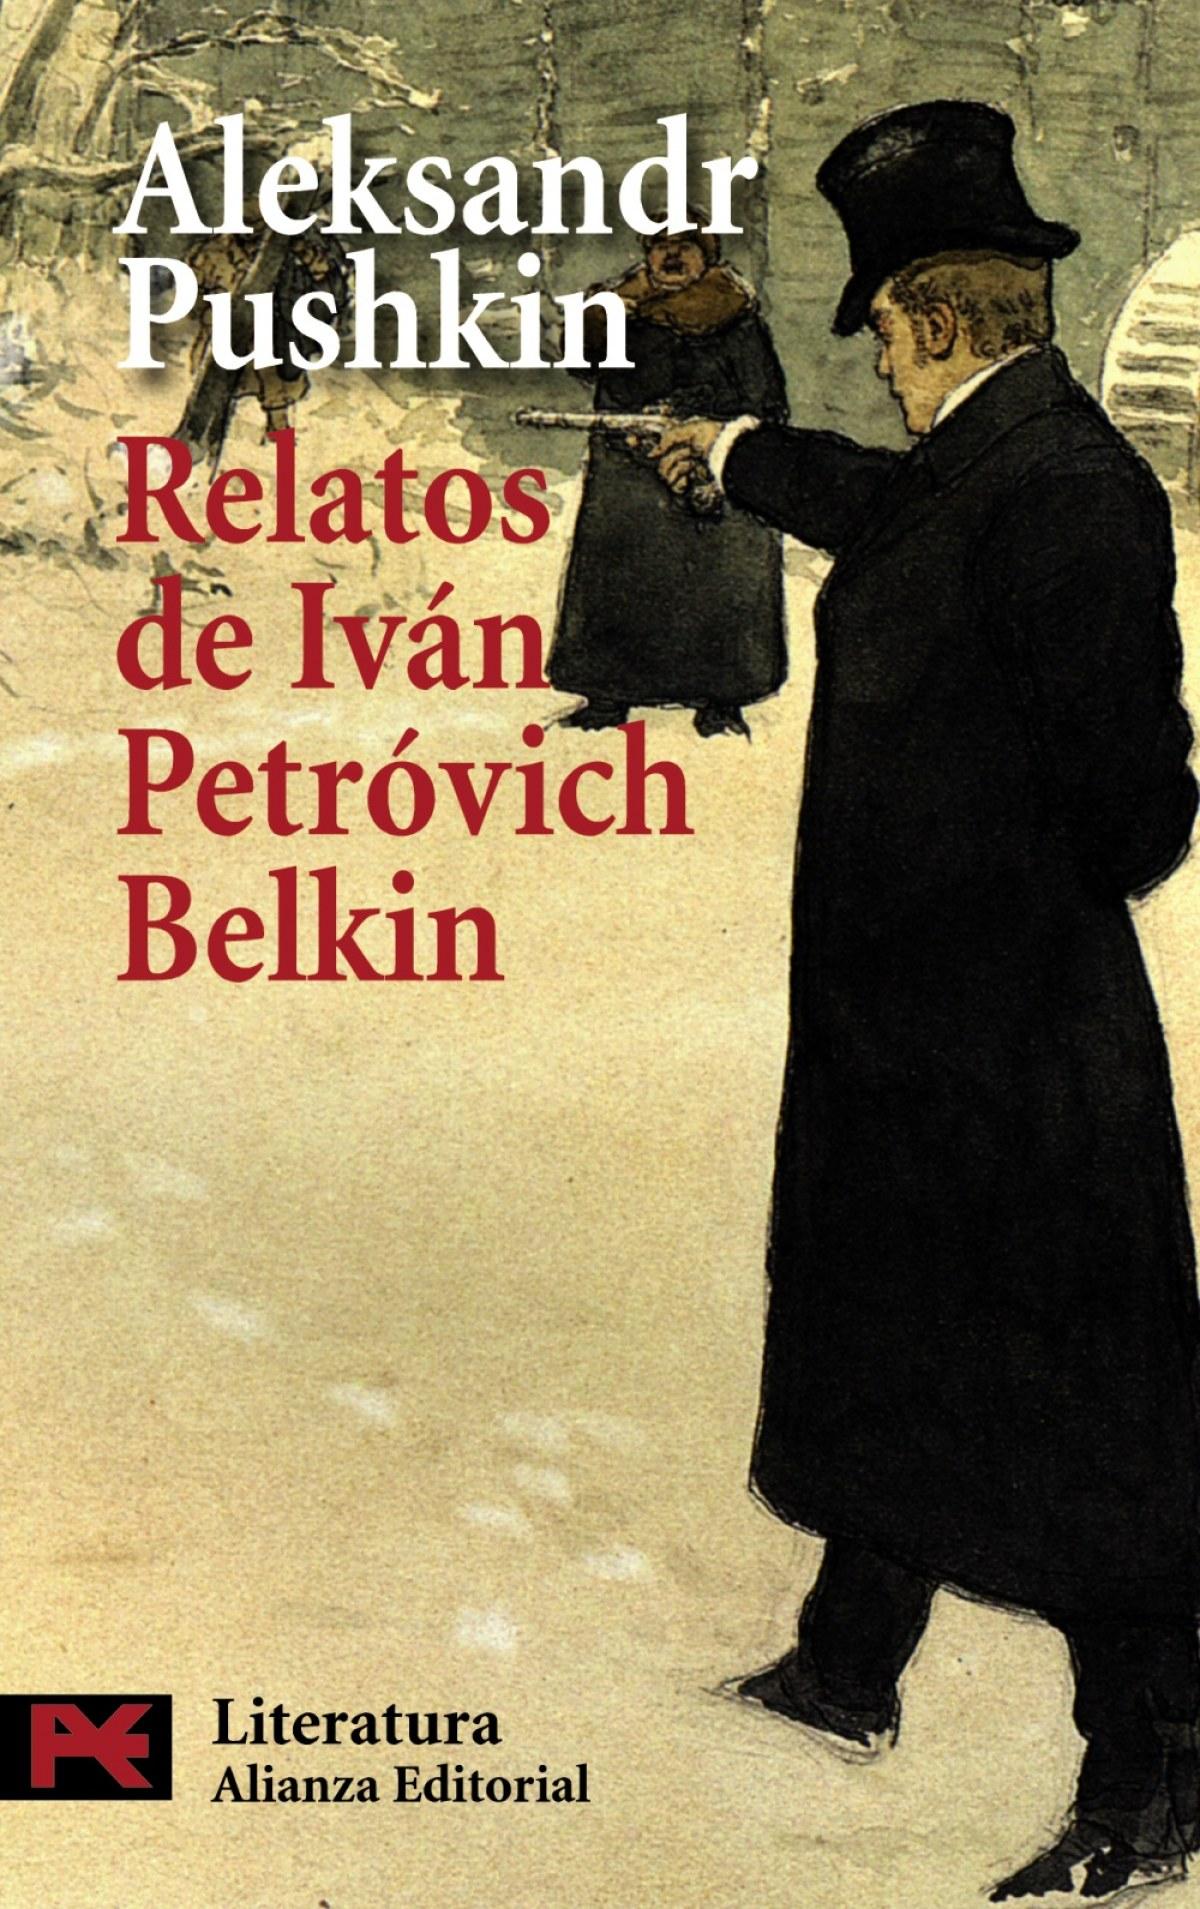 Relatos del difunto Ivan Petrovich Belkin 9788420659671